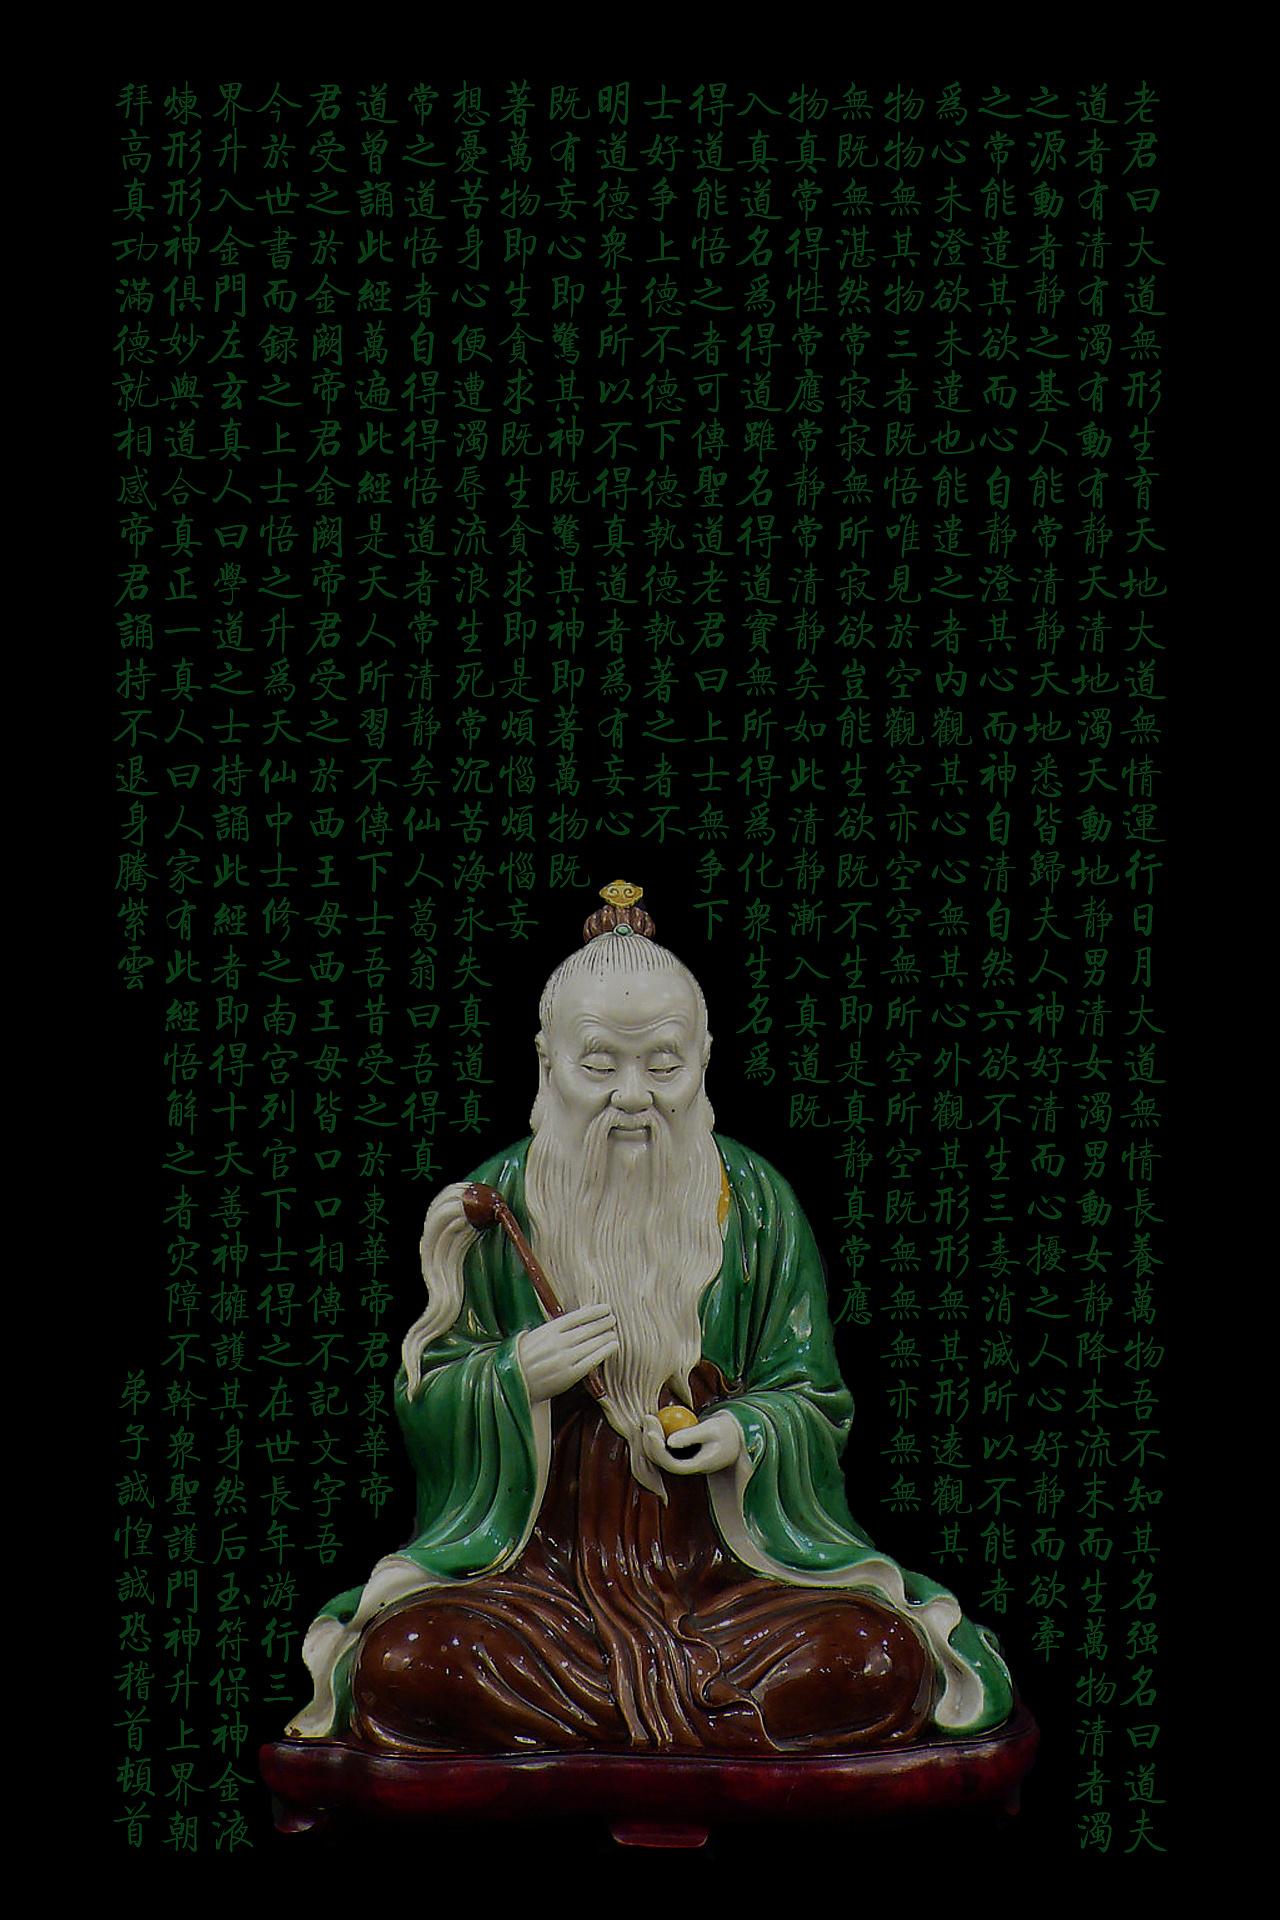 日本神道教和中国道教 道教和神道教的区别